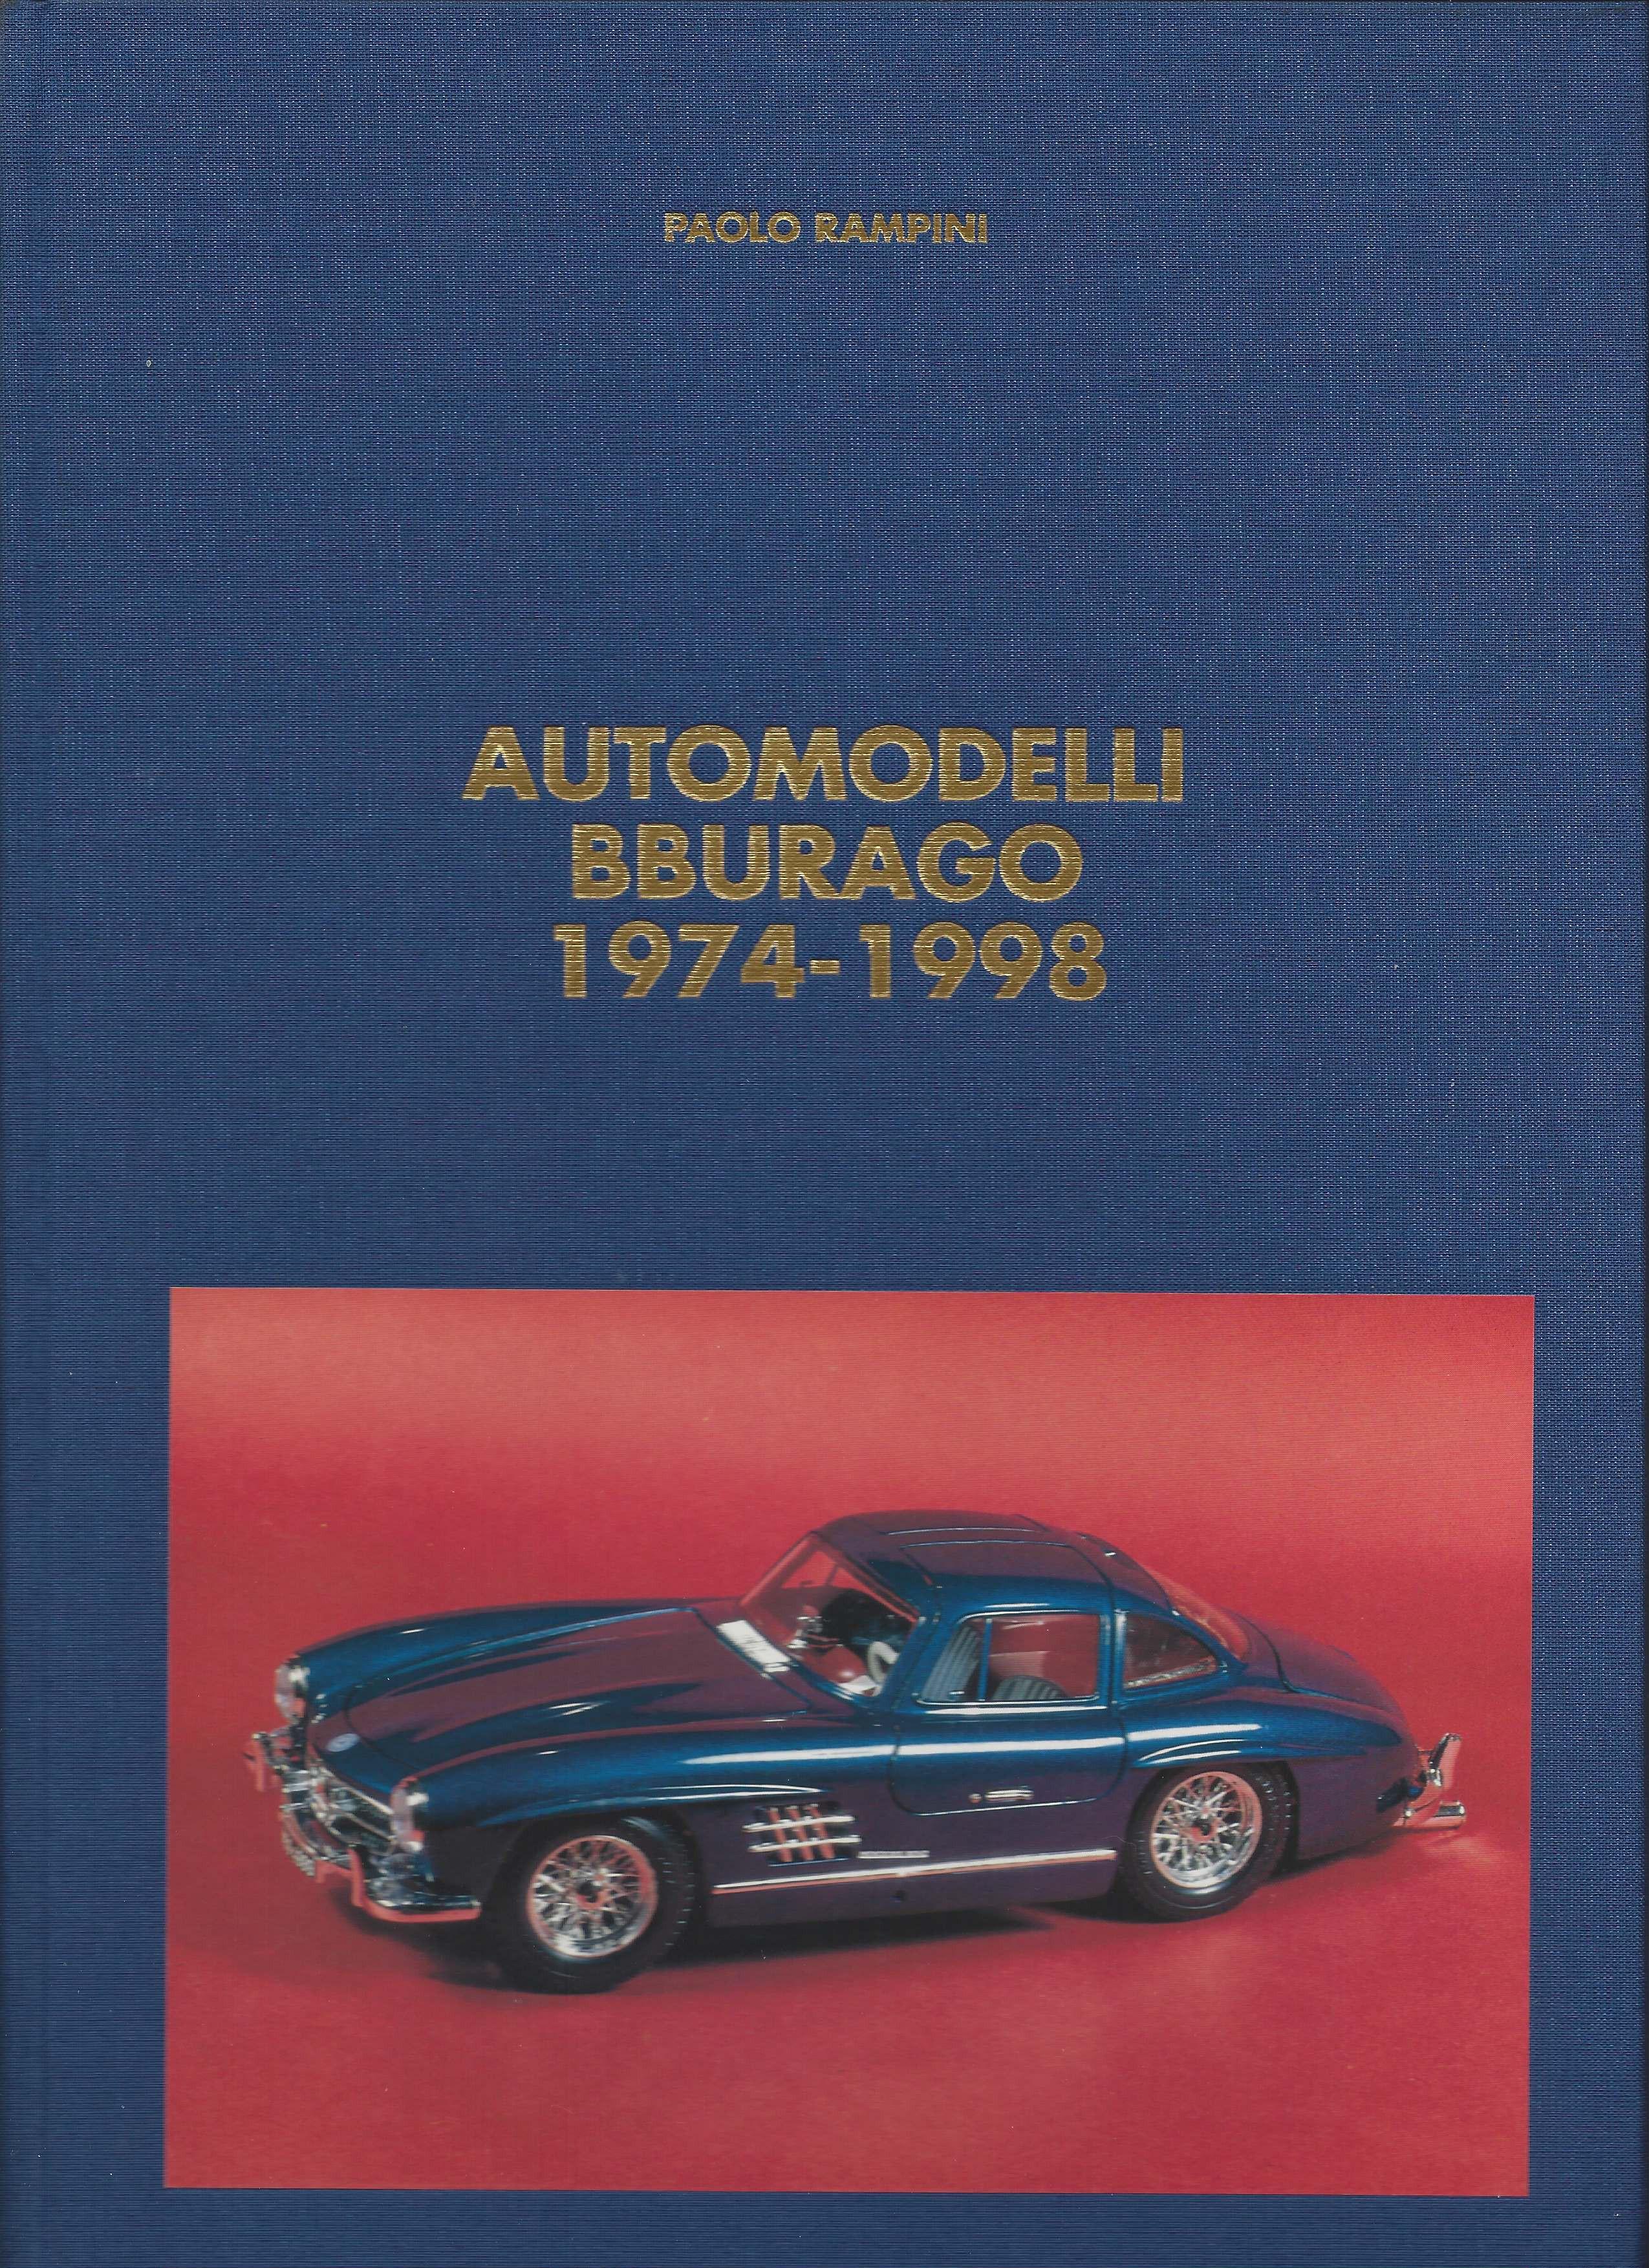 11 - Automodelli Bburago 1974-1998, Milano, edizioni Paolo Rampini, 1999